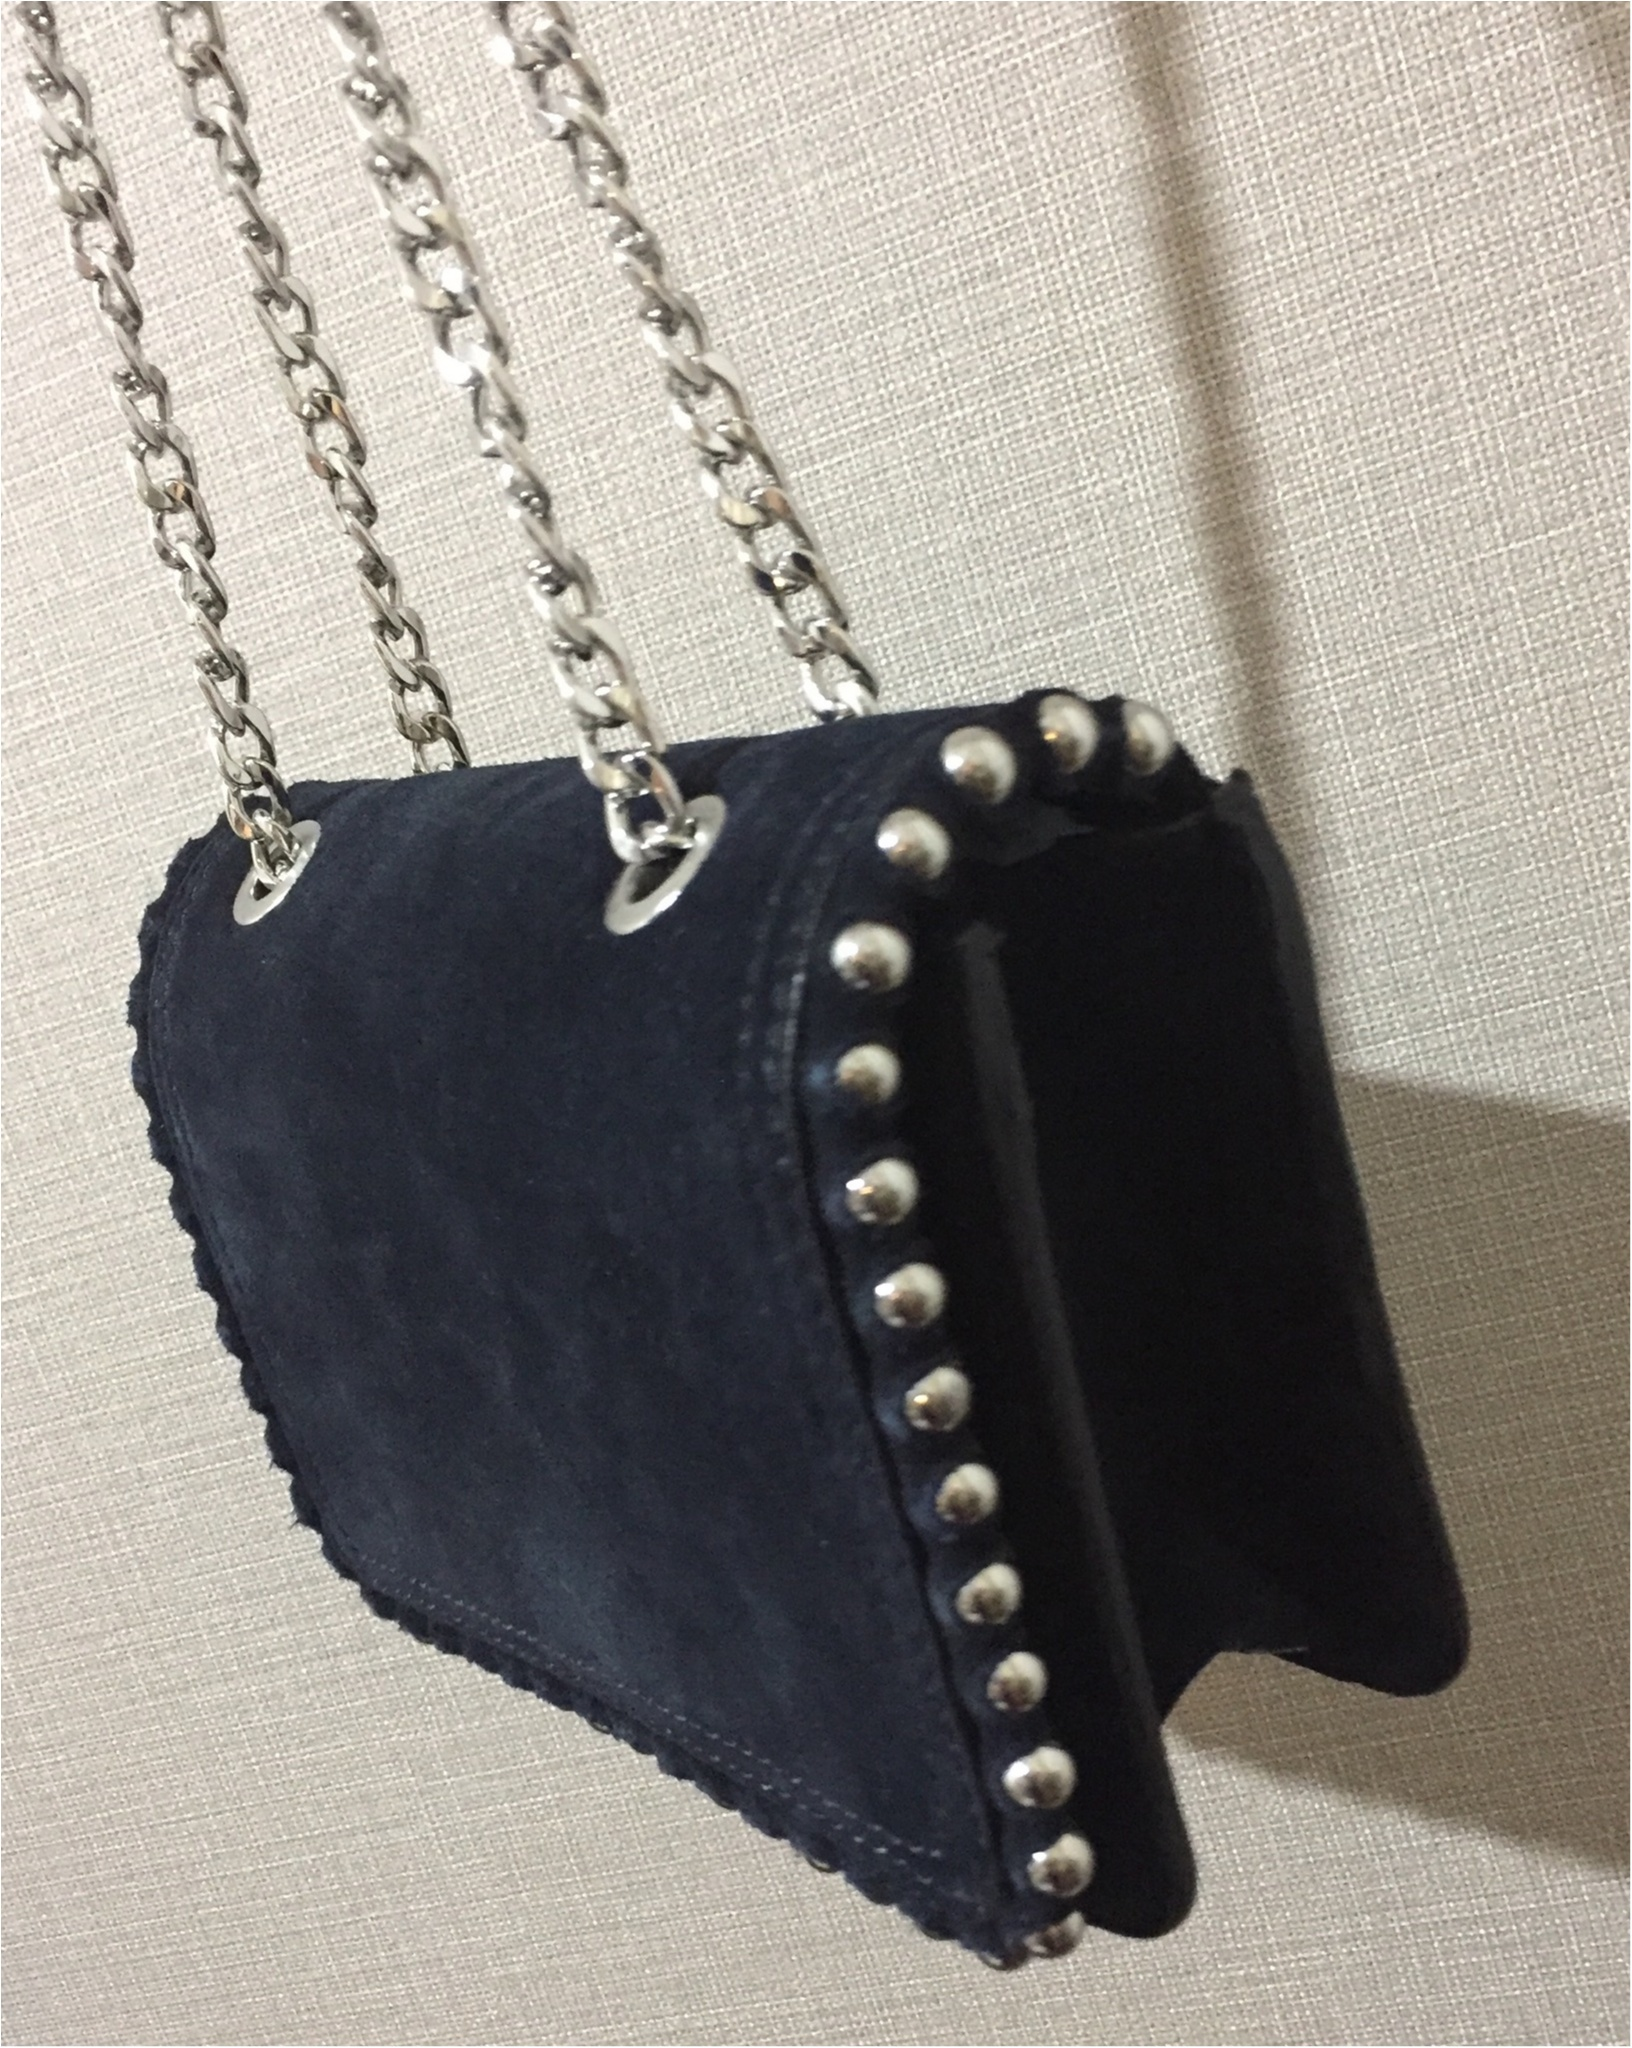 やっぱり秋冬も『ZARA』が最強に可愛い❤︎カジュアルに使えるチェーンバッグをGETしてきました!_2_2